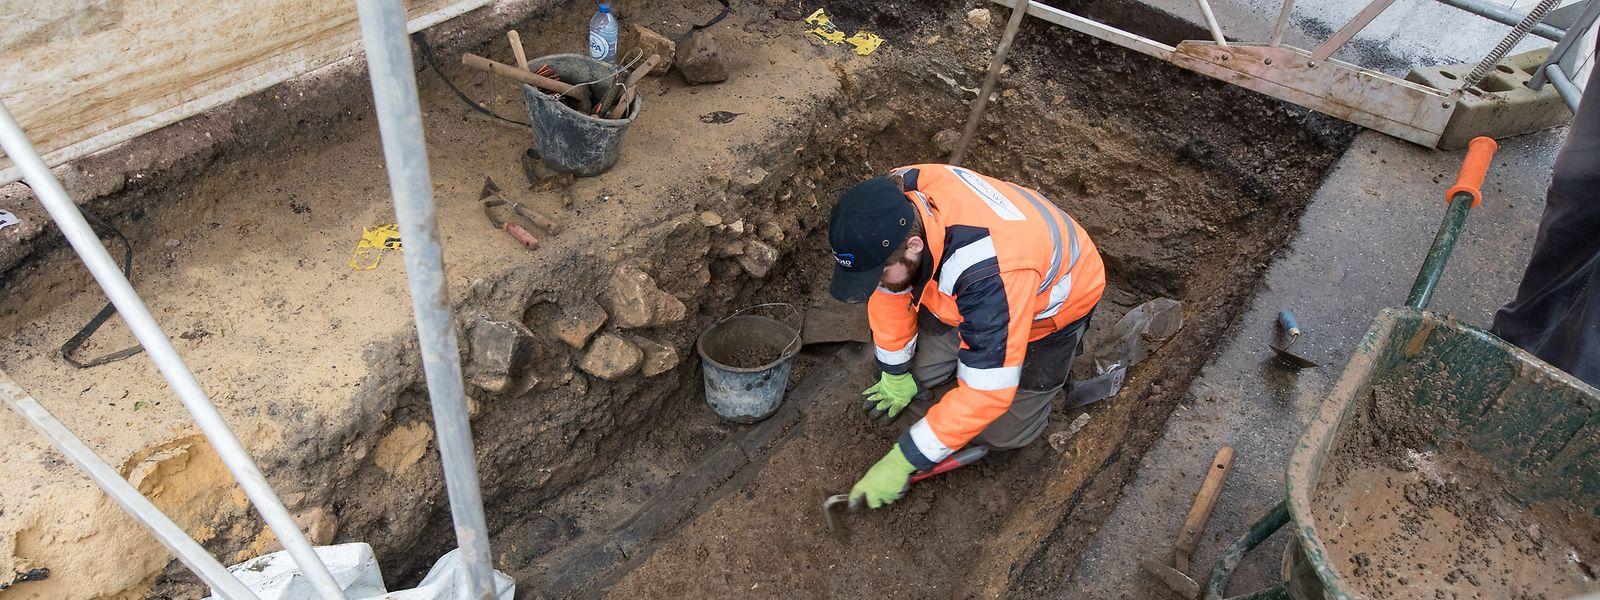 La première phase de fouilles archéologiques se fait parallèlement à la pose d'une conduite de gaz.